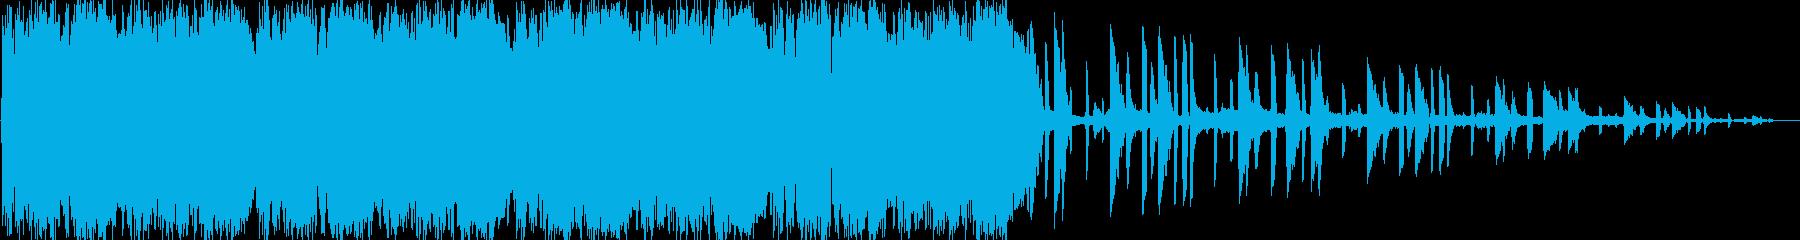 激しいリズムが特徴のロックの再生済みの波形